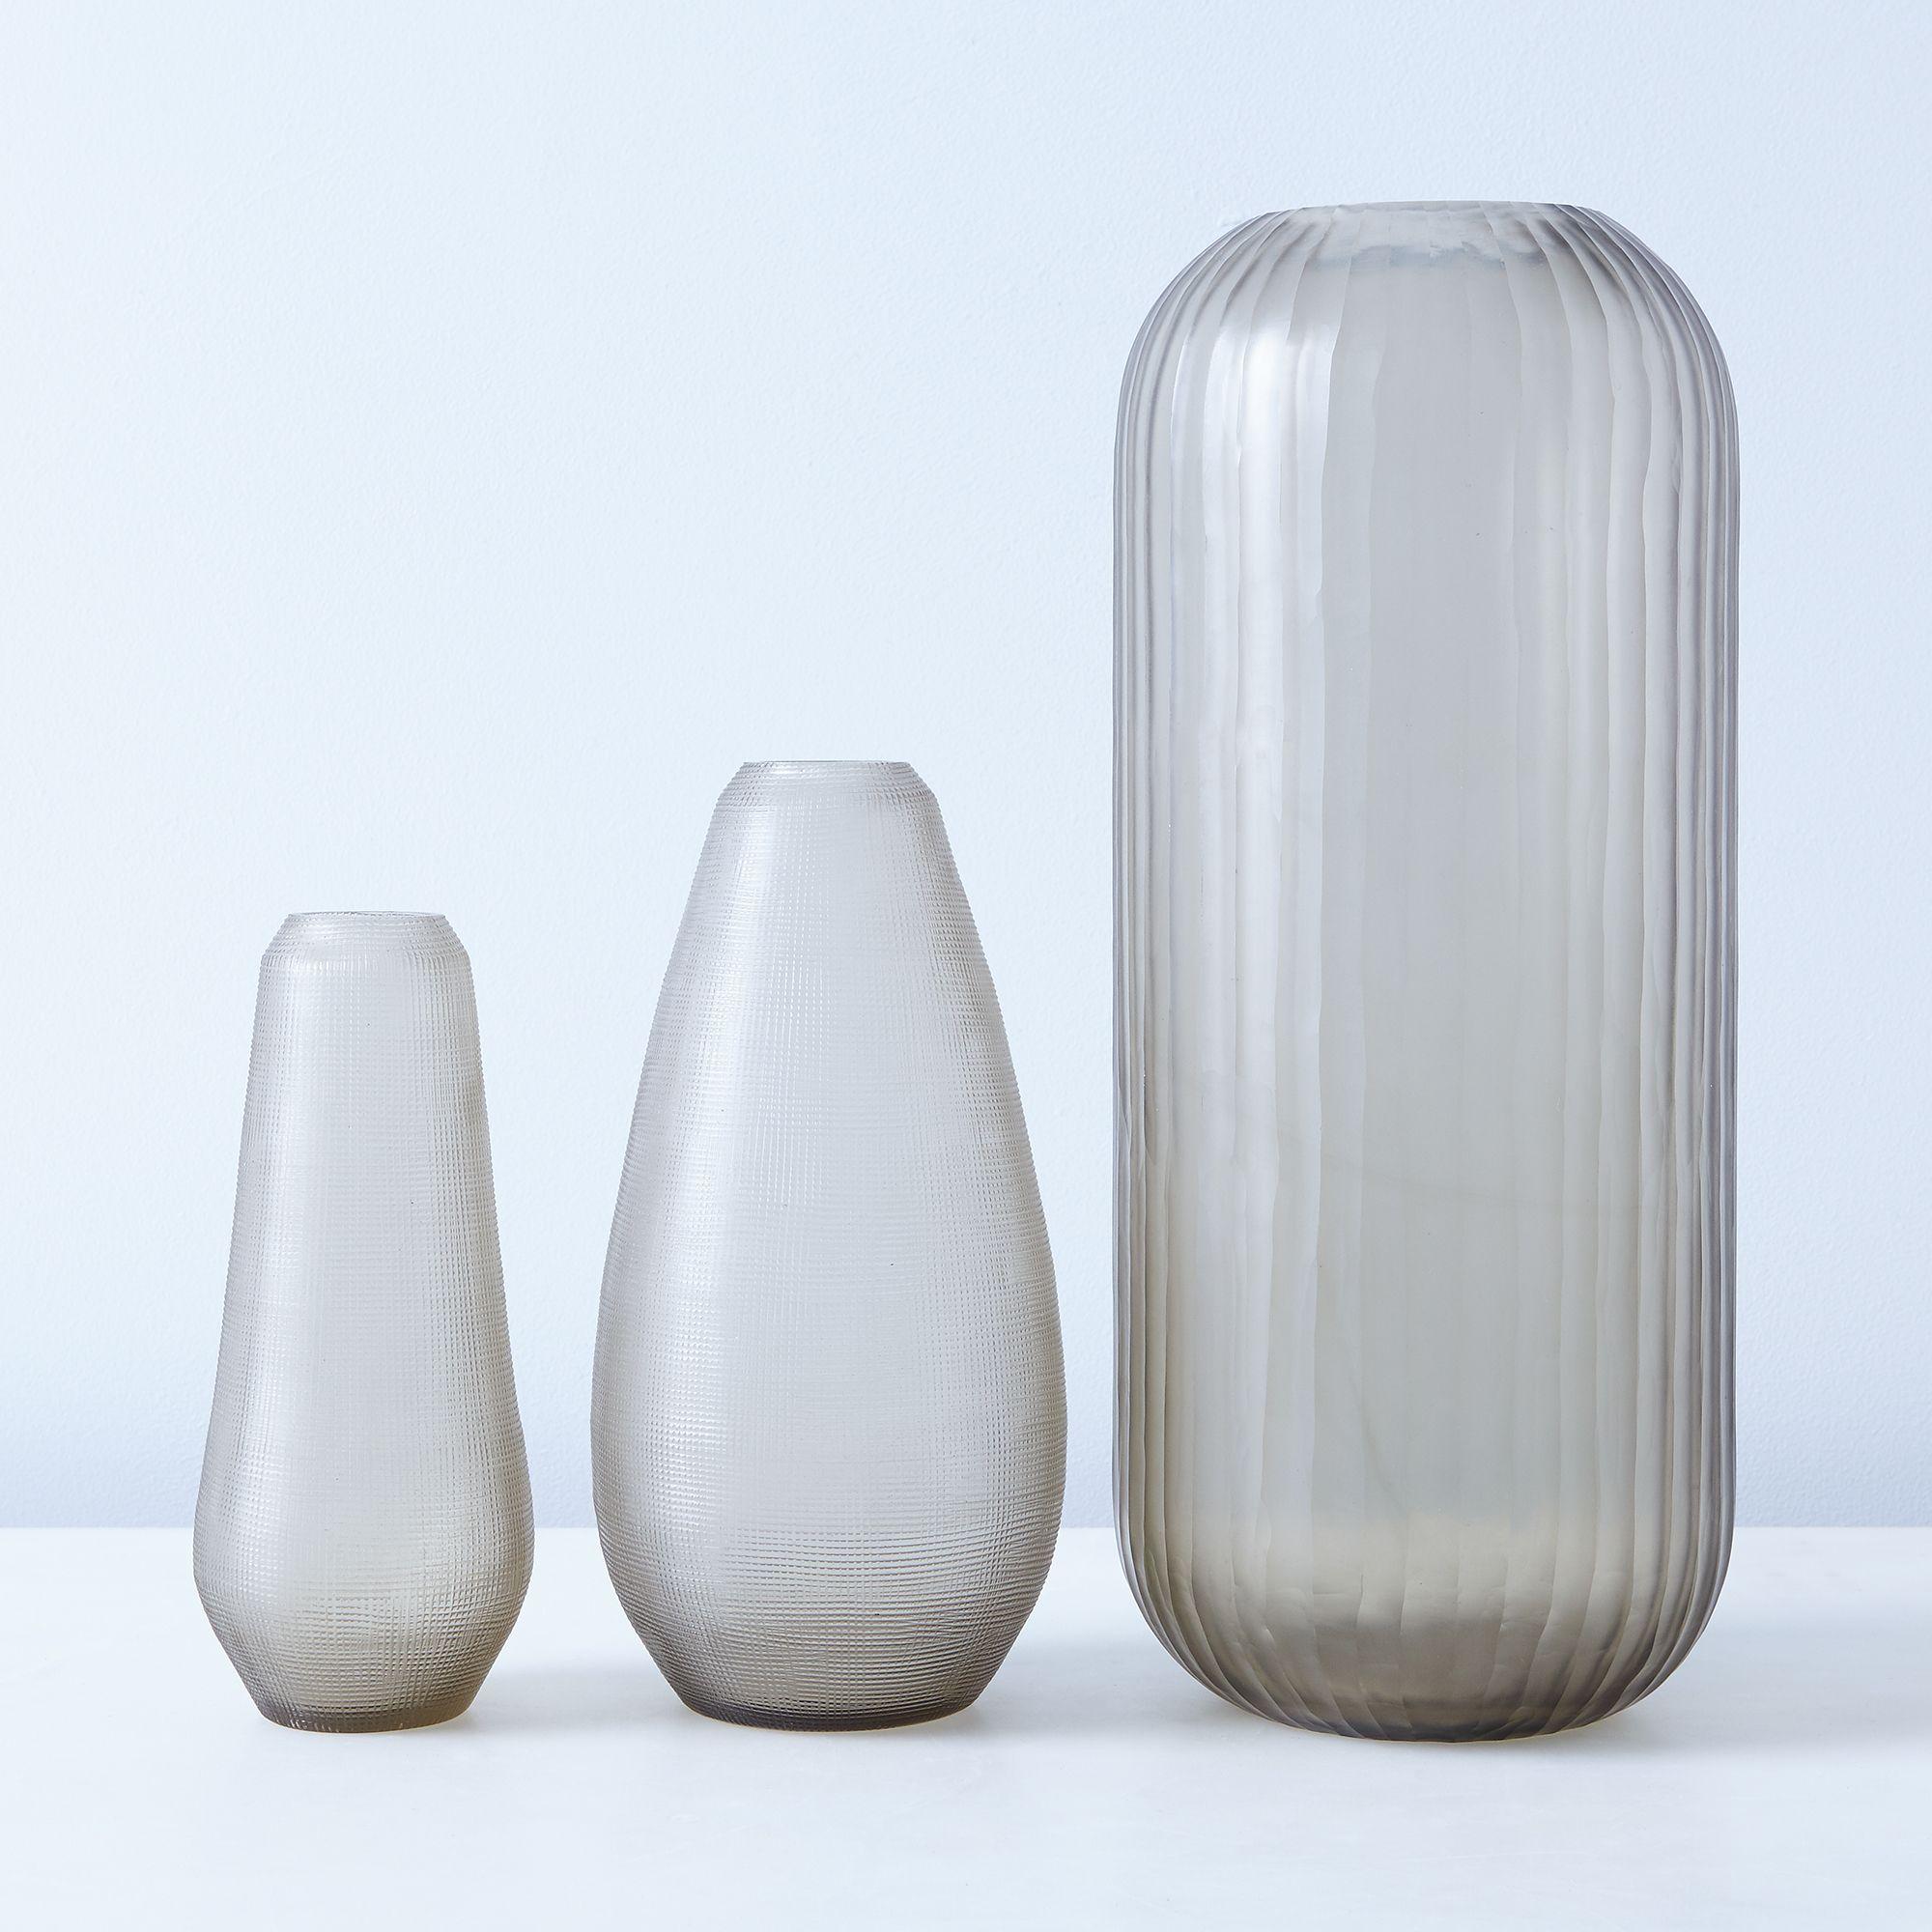 09d21f58 e977 4f14 9545 2ee88f749d25  2016 0805 food52 by hawkins ny vase set of 3 smoke silo rocky luten 102